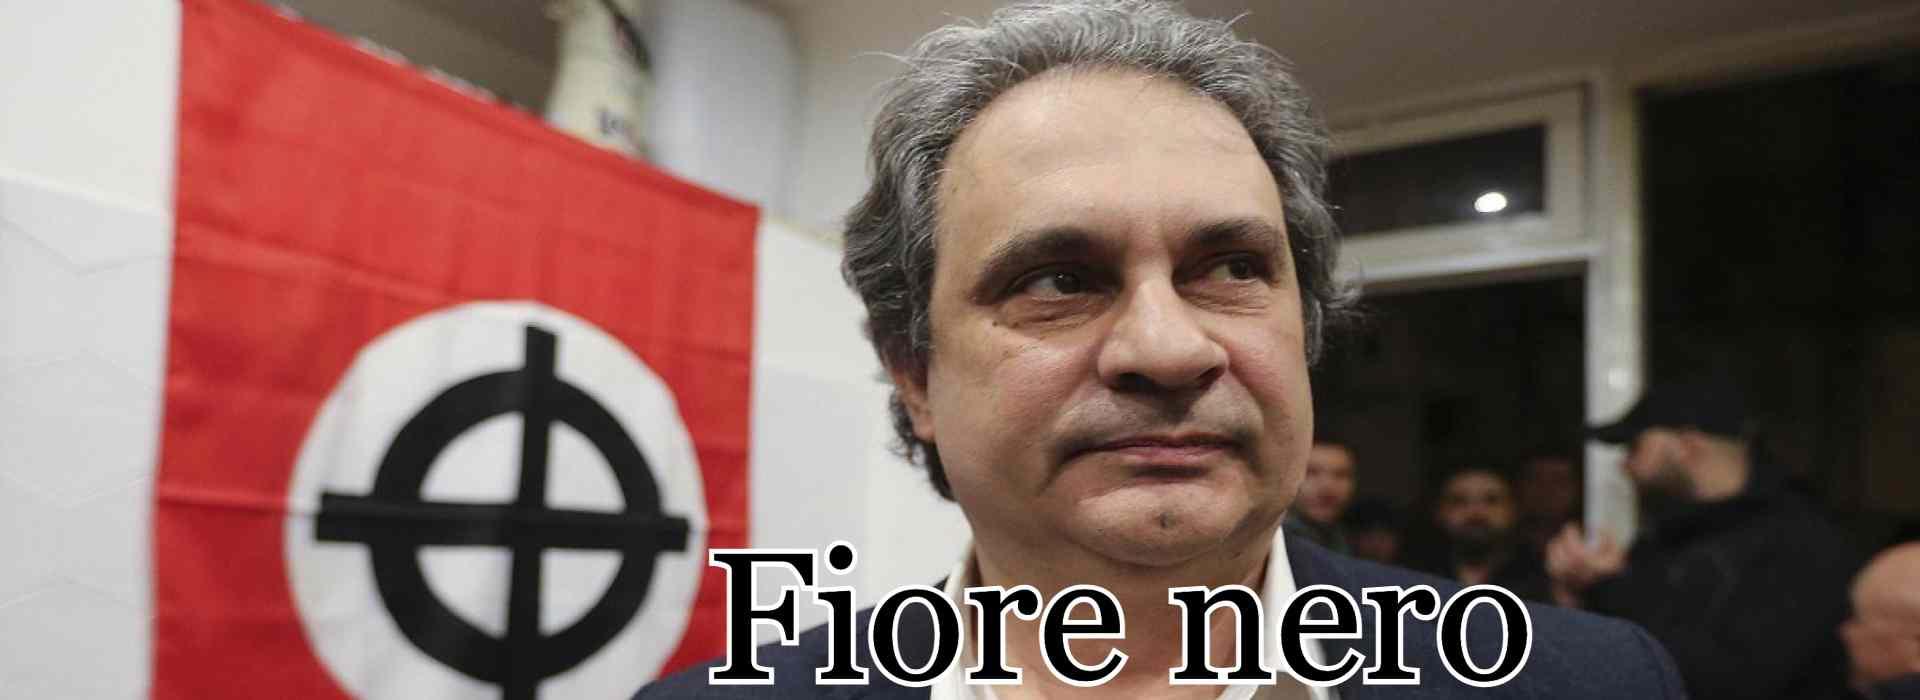 Roberto Fiore, il neofascista collaboratore dei Servizi e mai fermato dallo Stato italiano